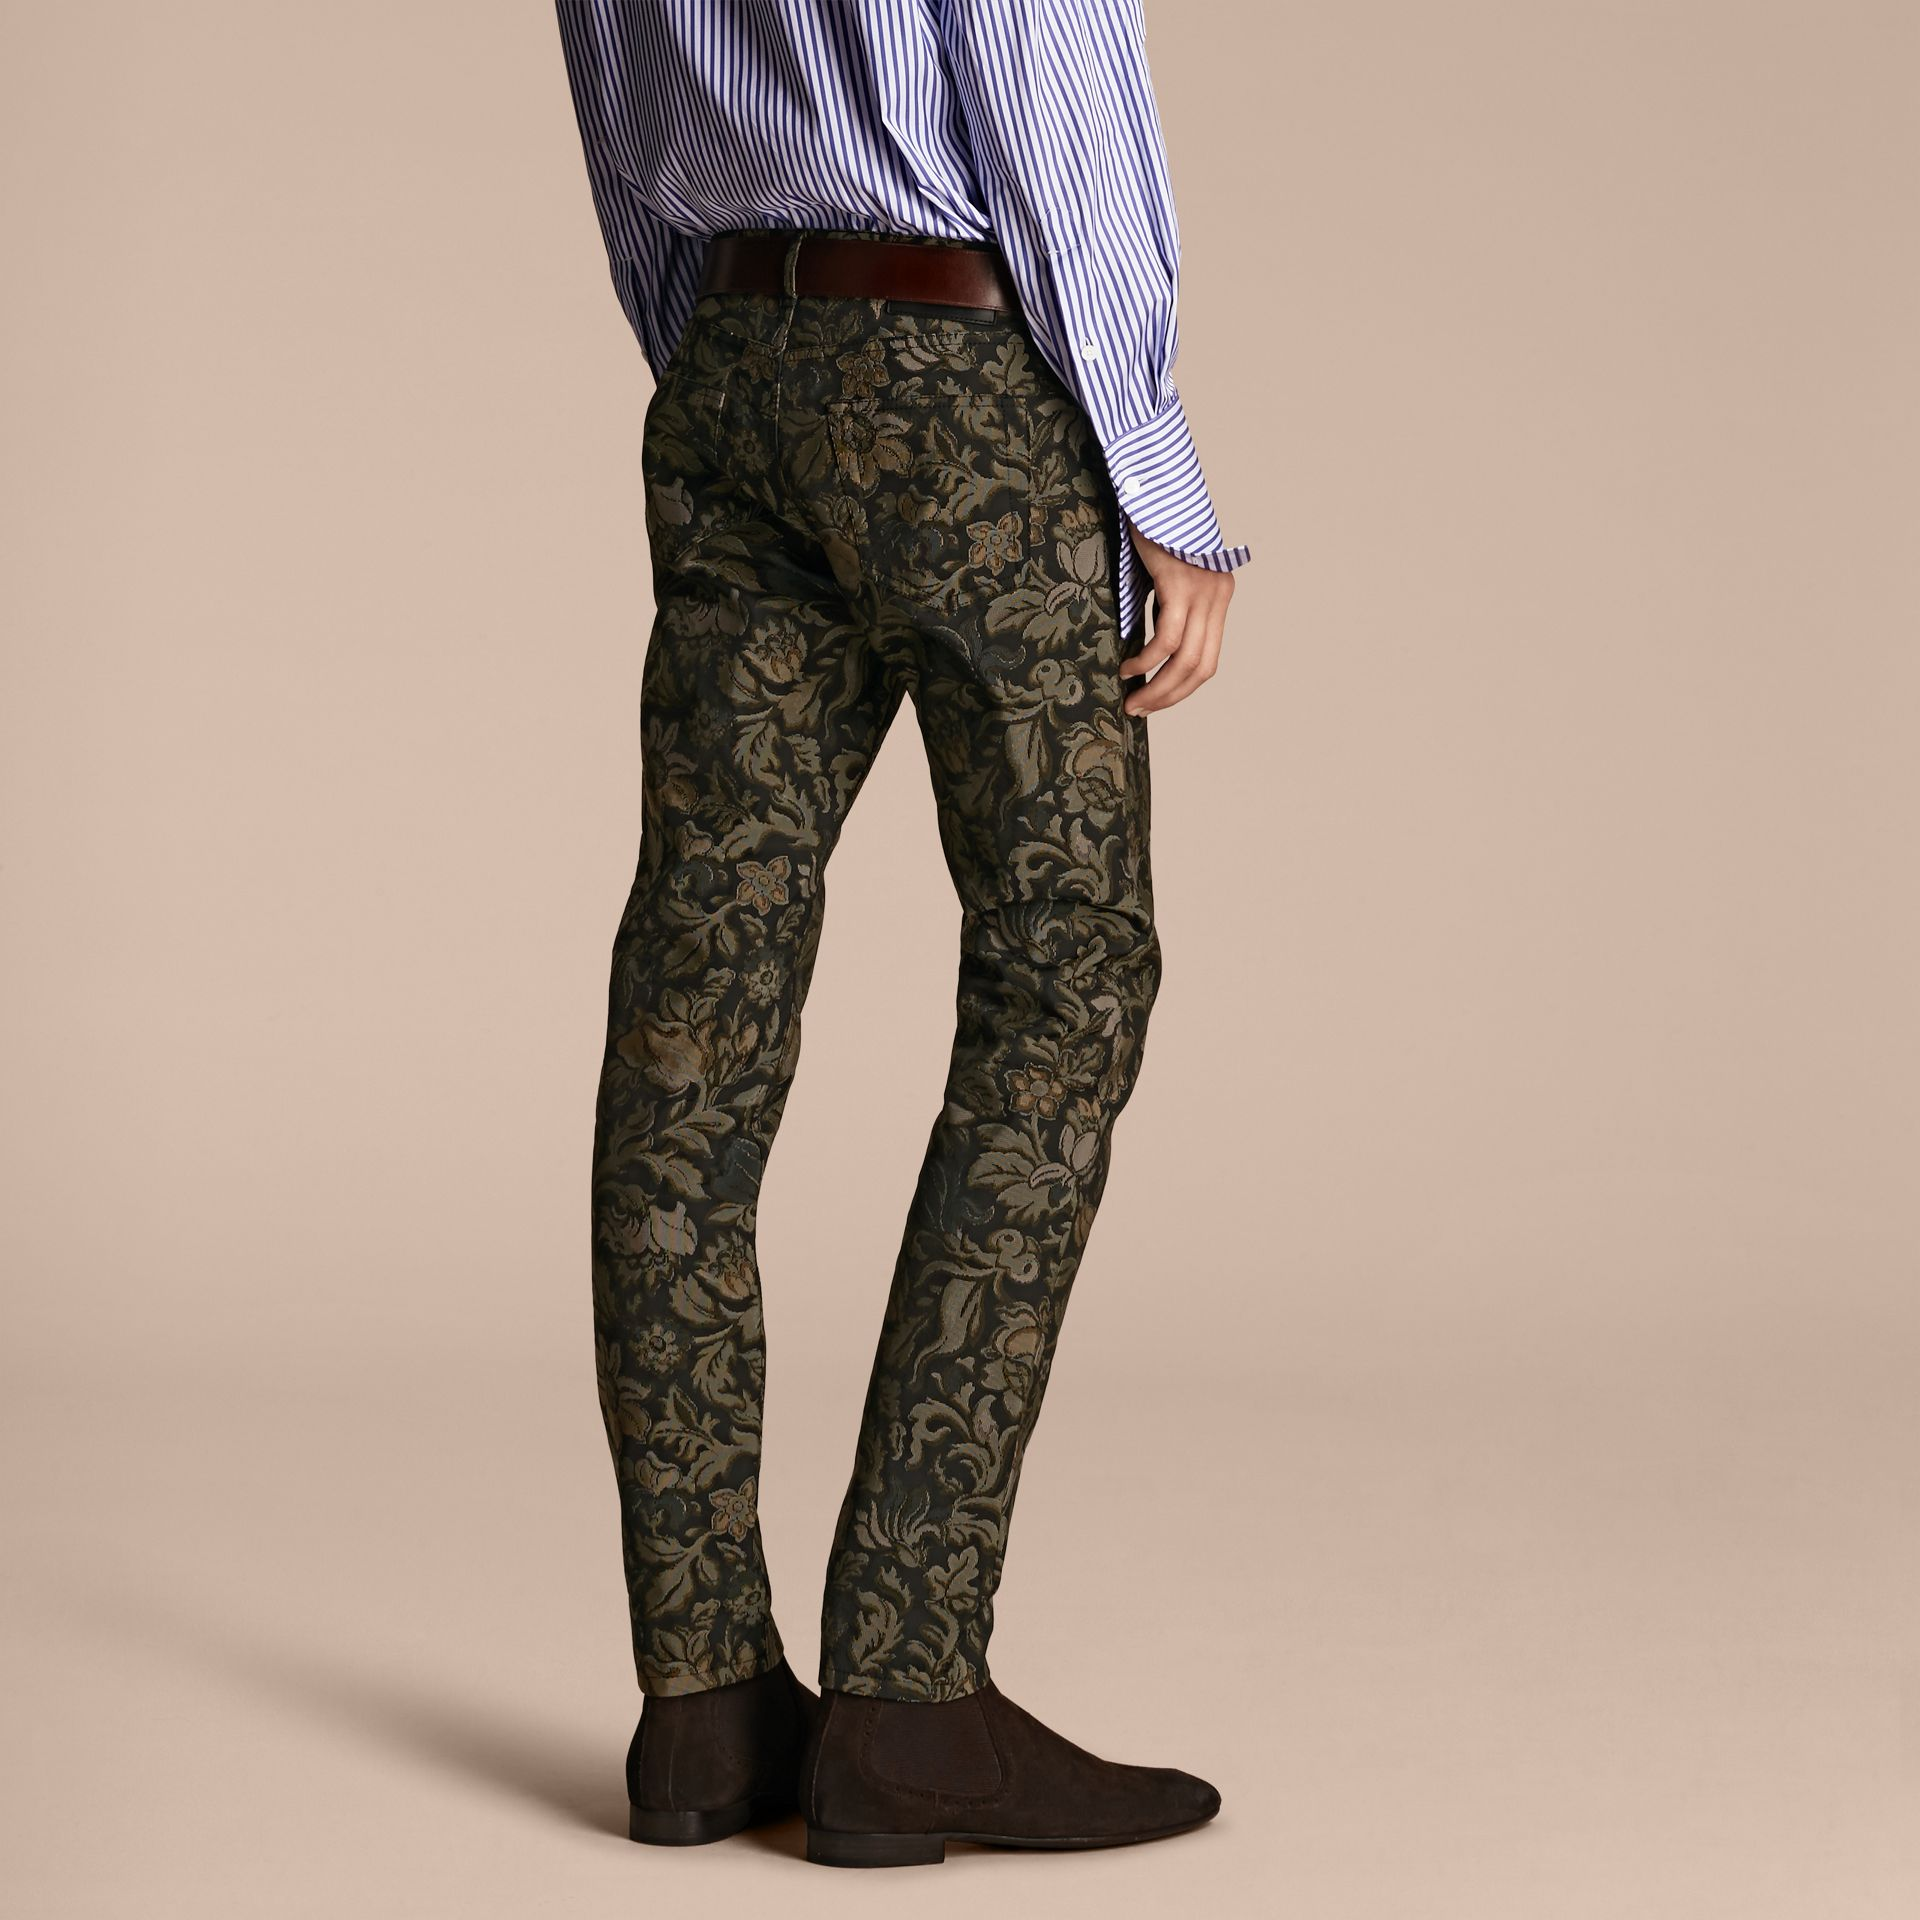 Sálvia Calças jeans com estampa floral em jacquard e corte slim Sálvia - galeria de imagens 3